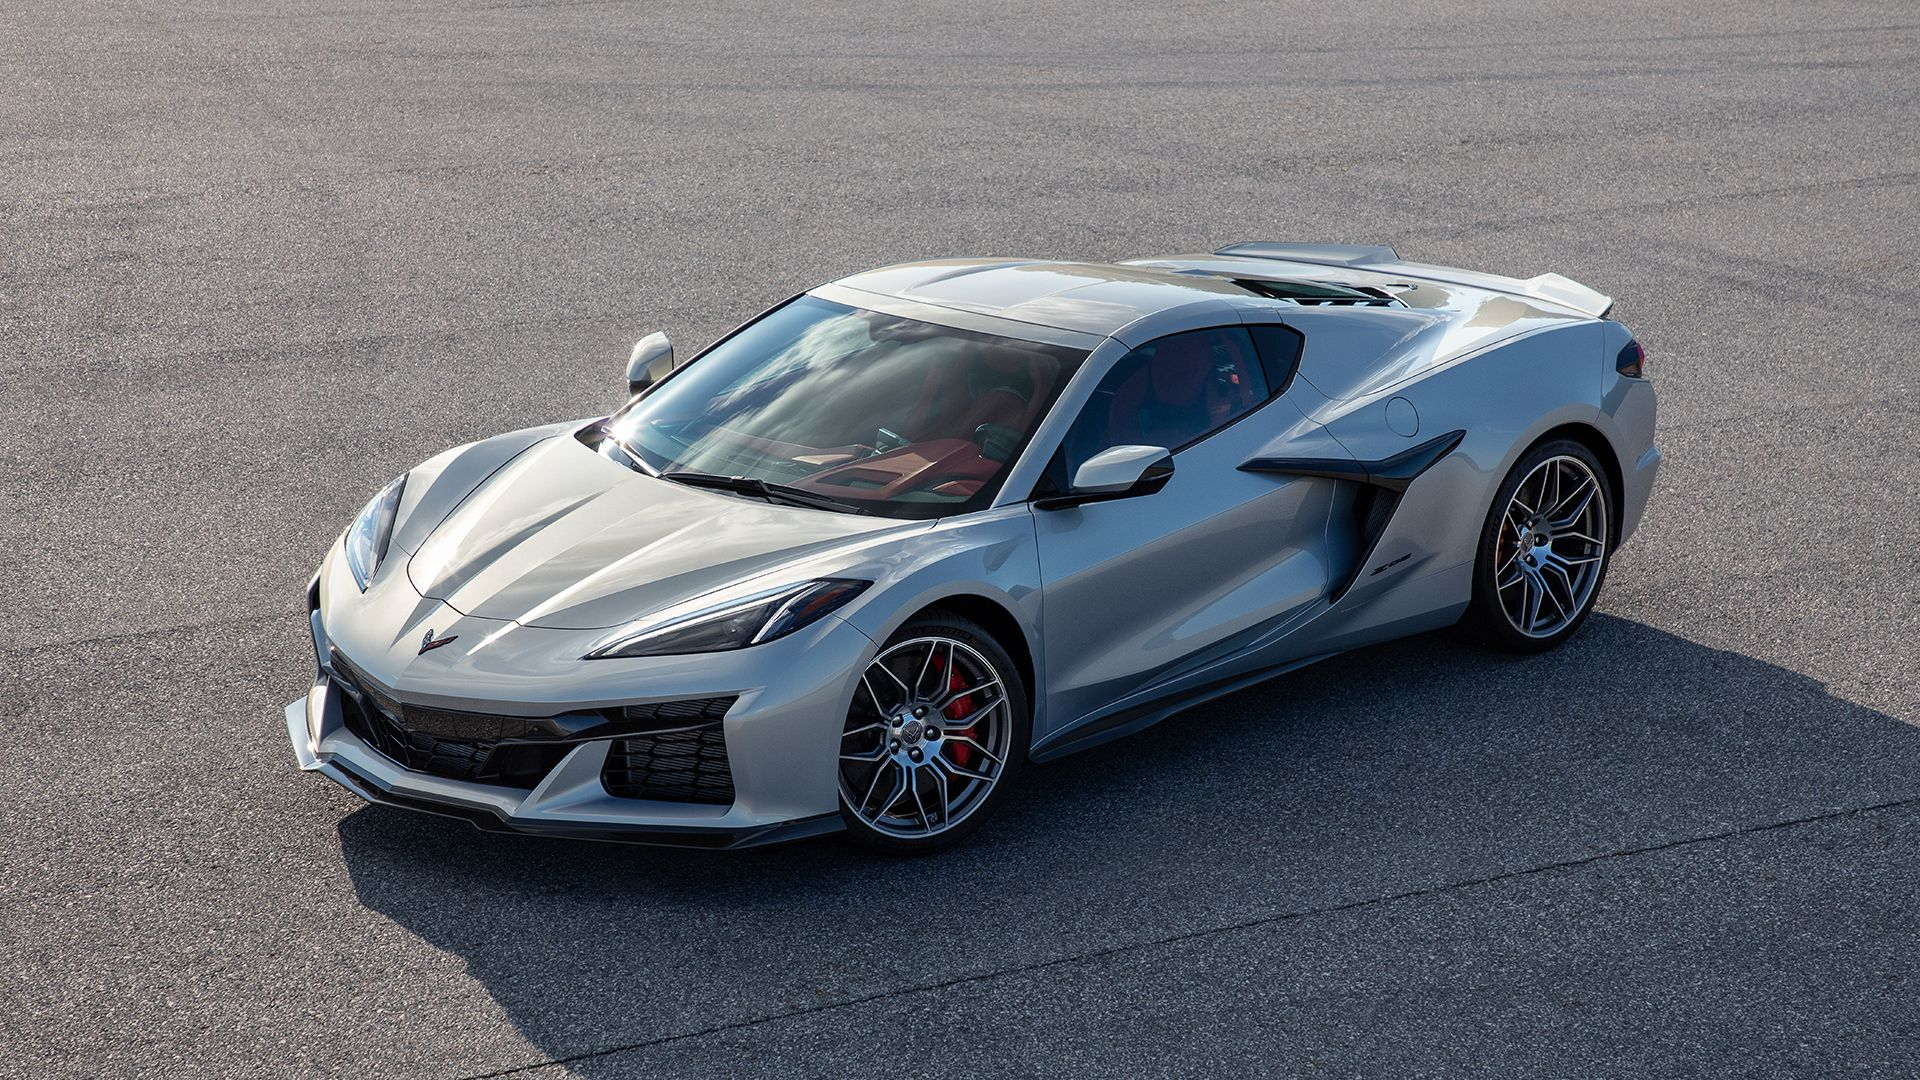 2023 Chevy Corvette Z06